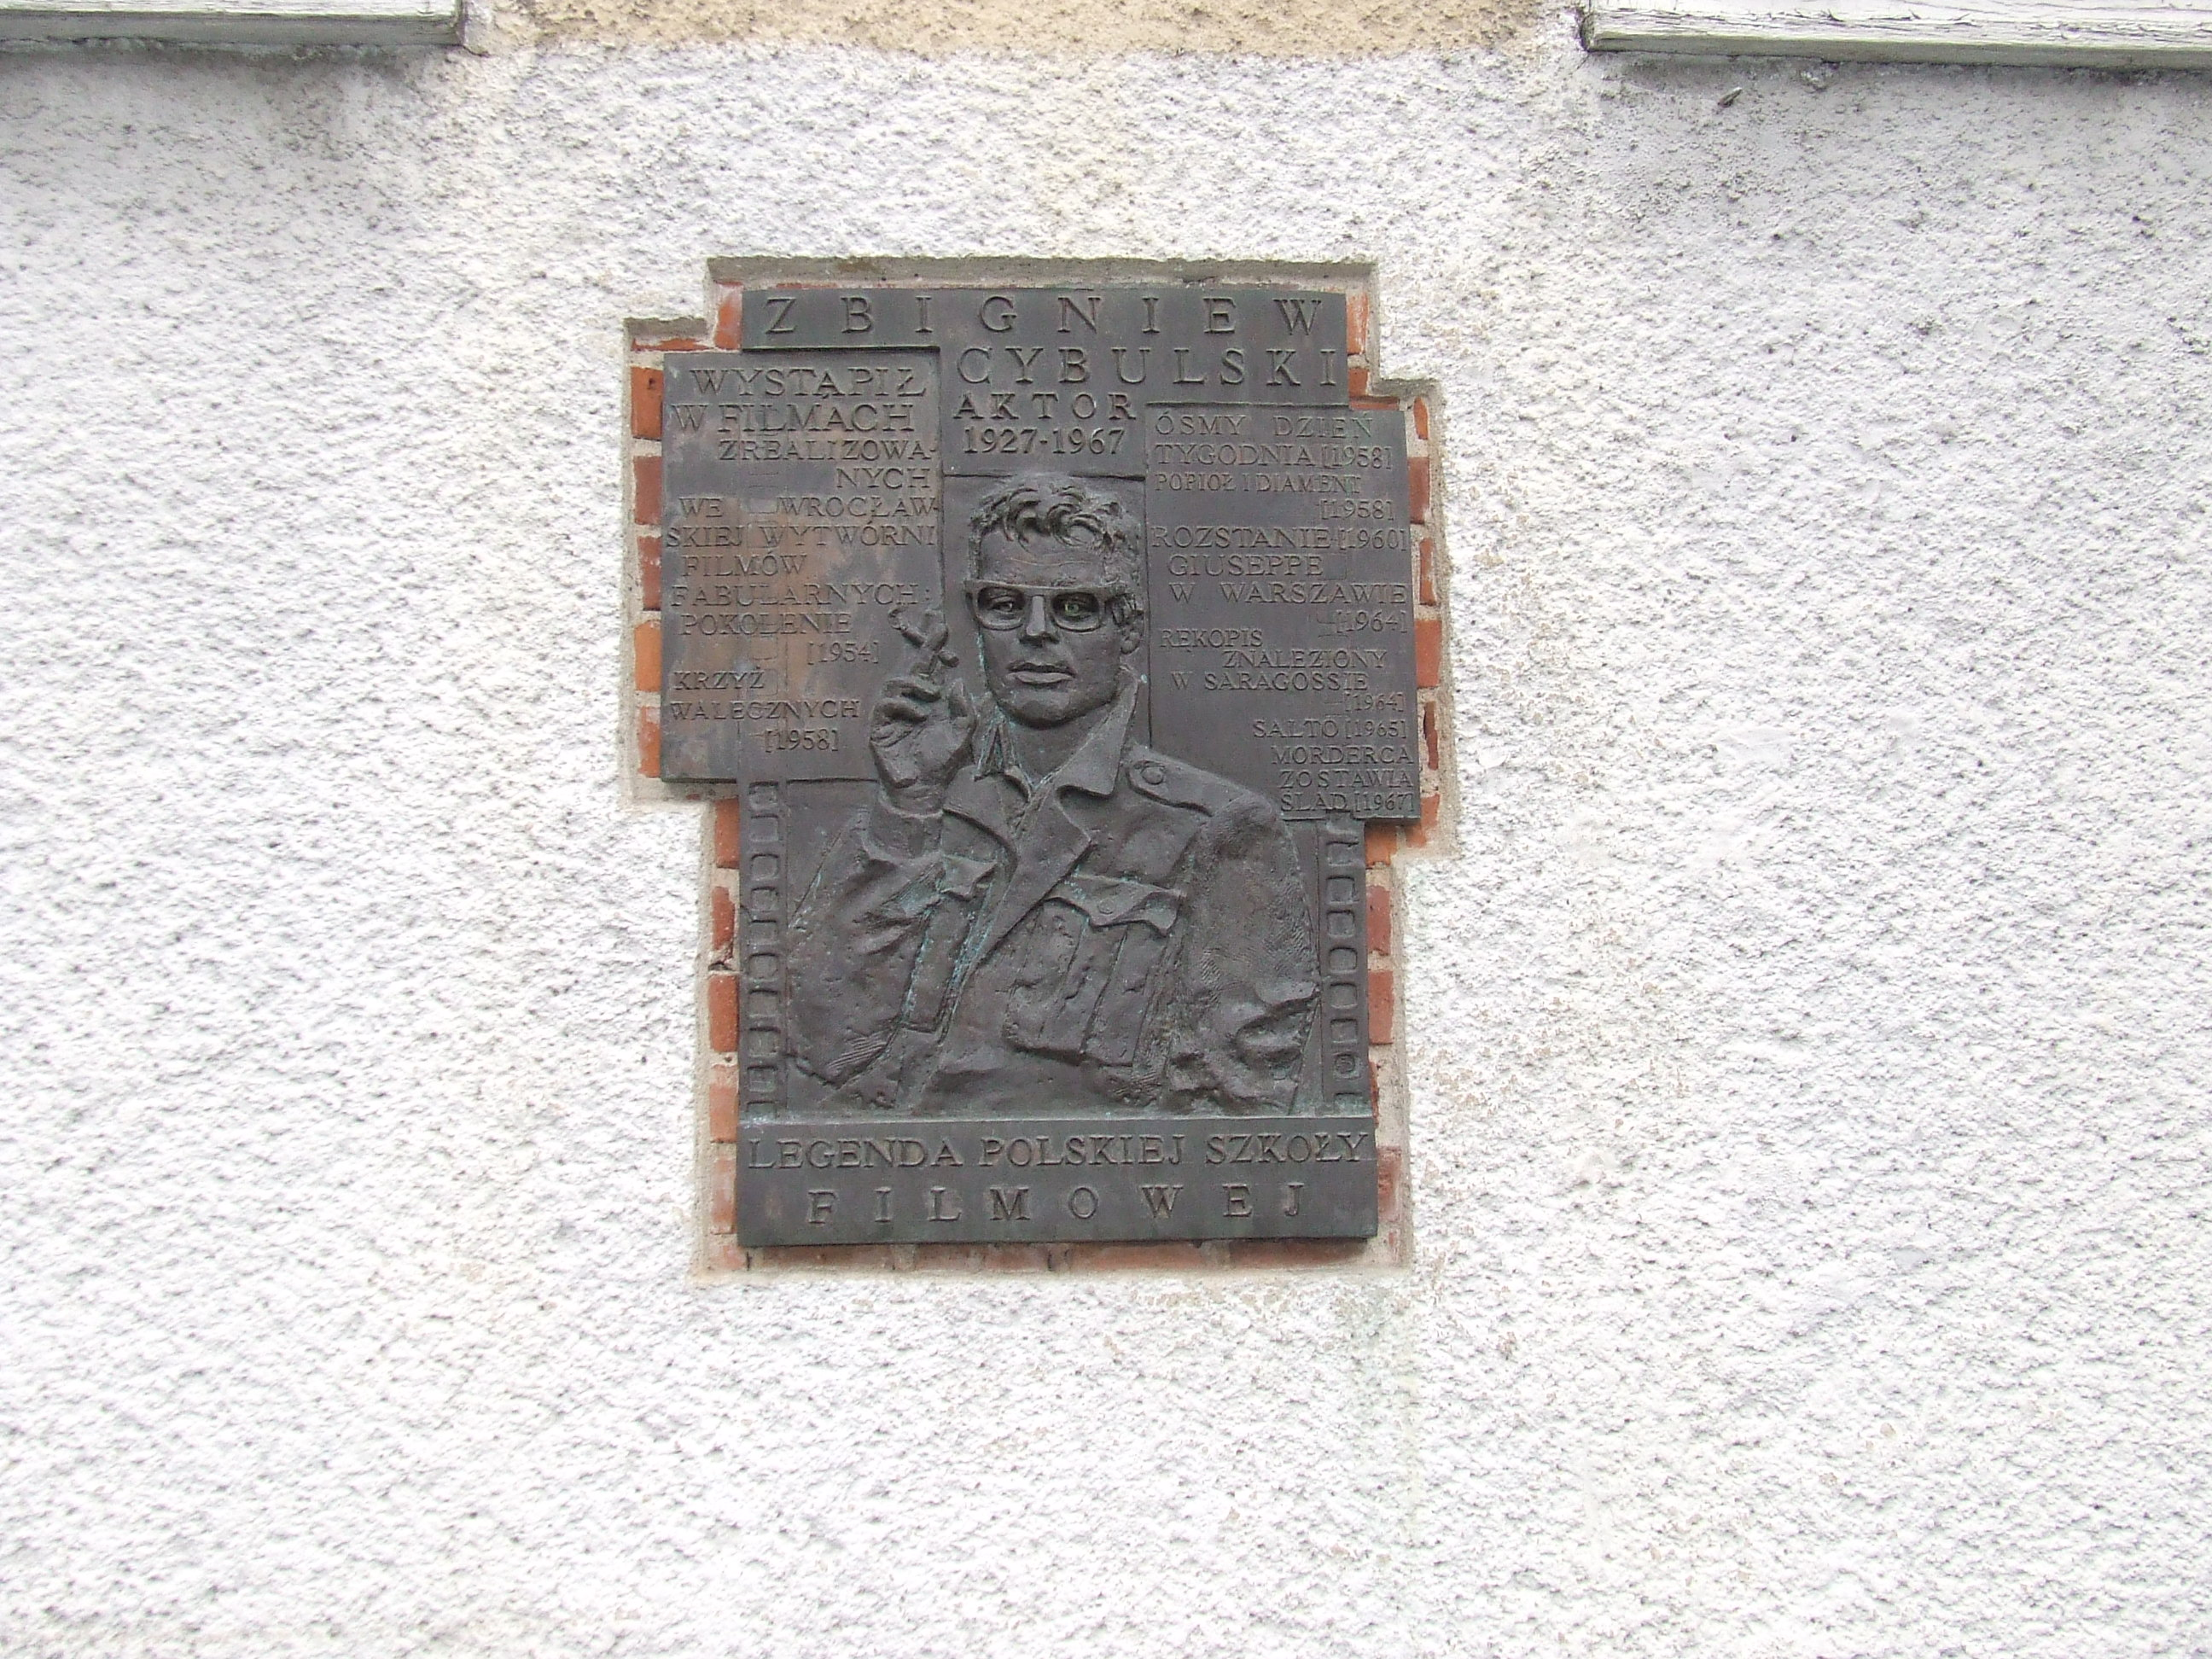 Pamiątkowa tablica poświęcona Zbyszkowi Cybulskiemu  na budynku dawnej Wytwórni Filmowej we Wrocławiu, obecnie CeTa, fot. J. Tokarczyk